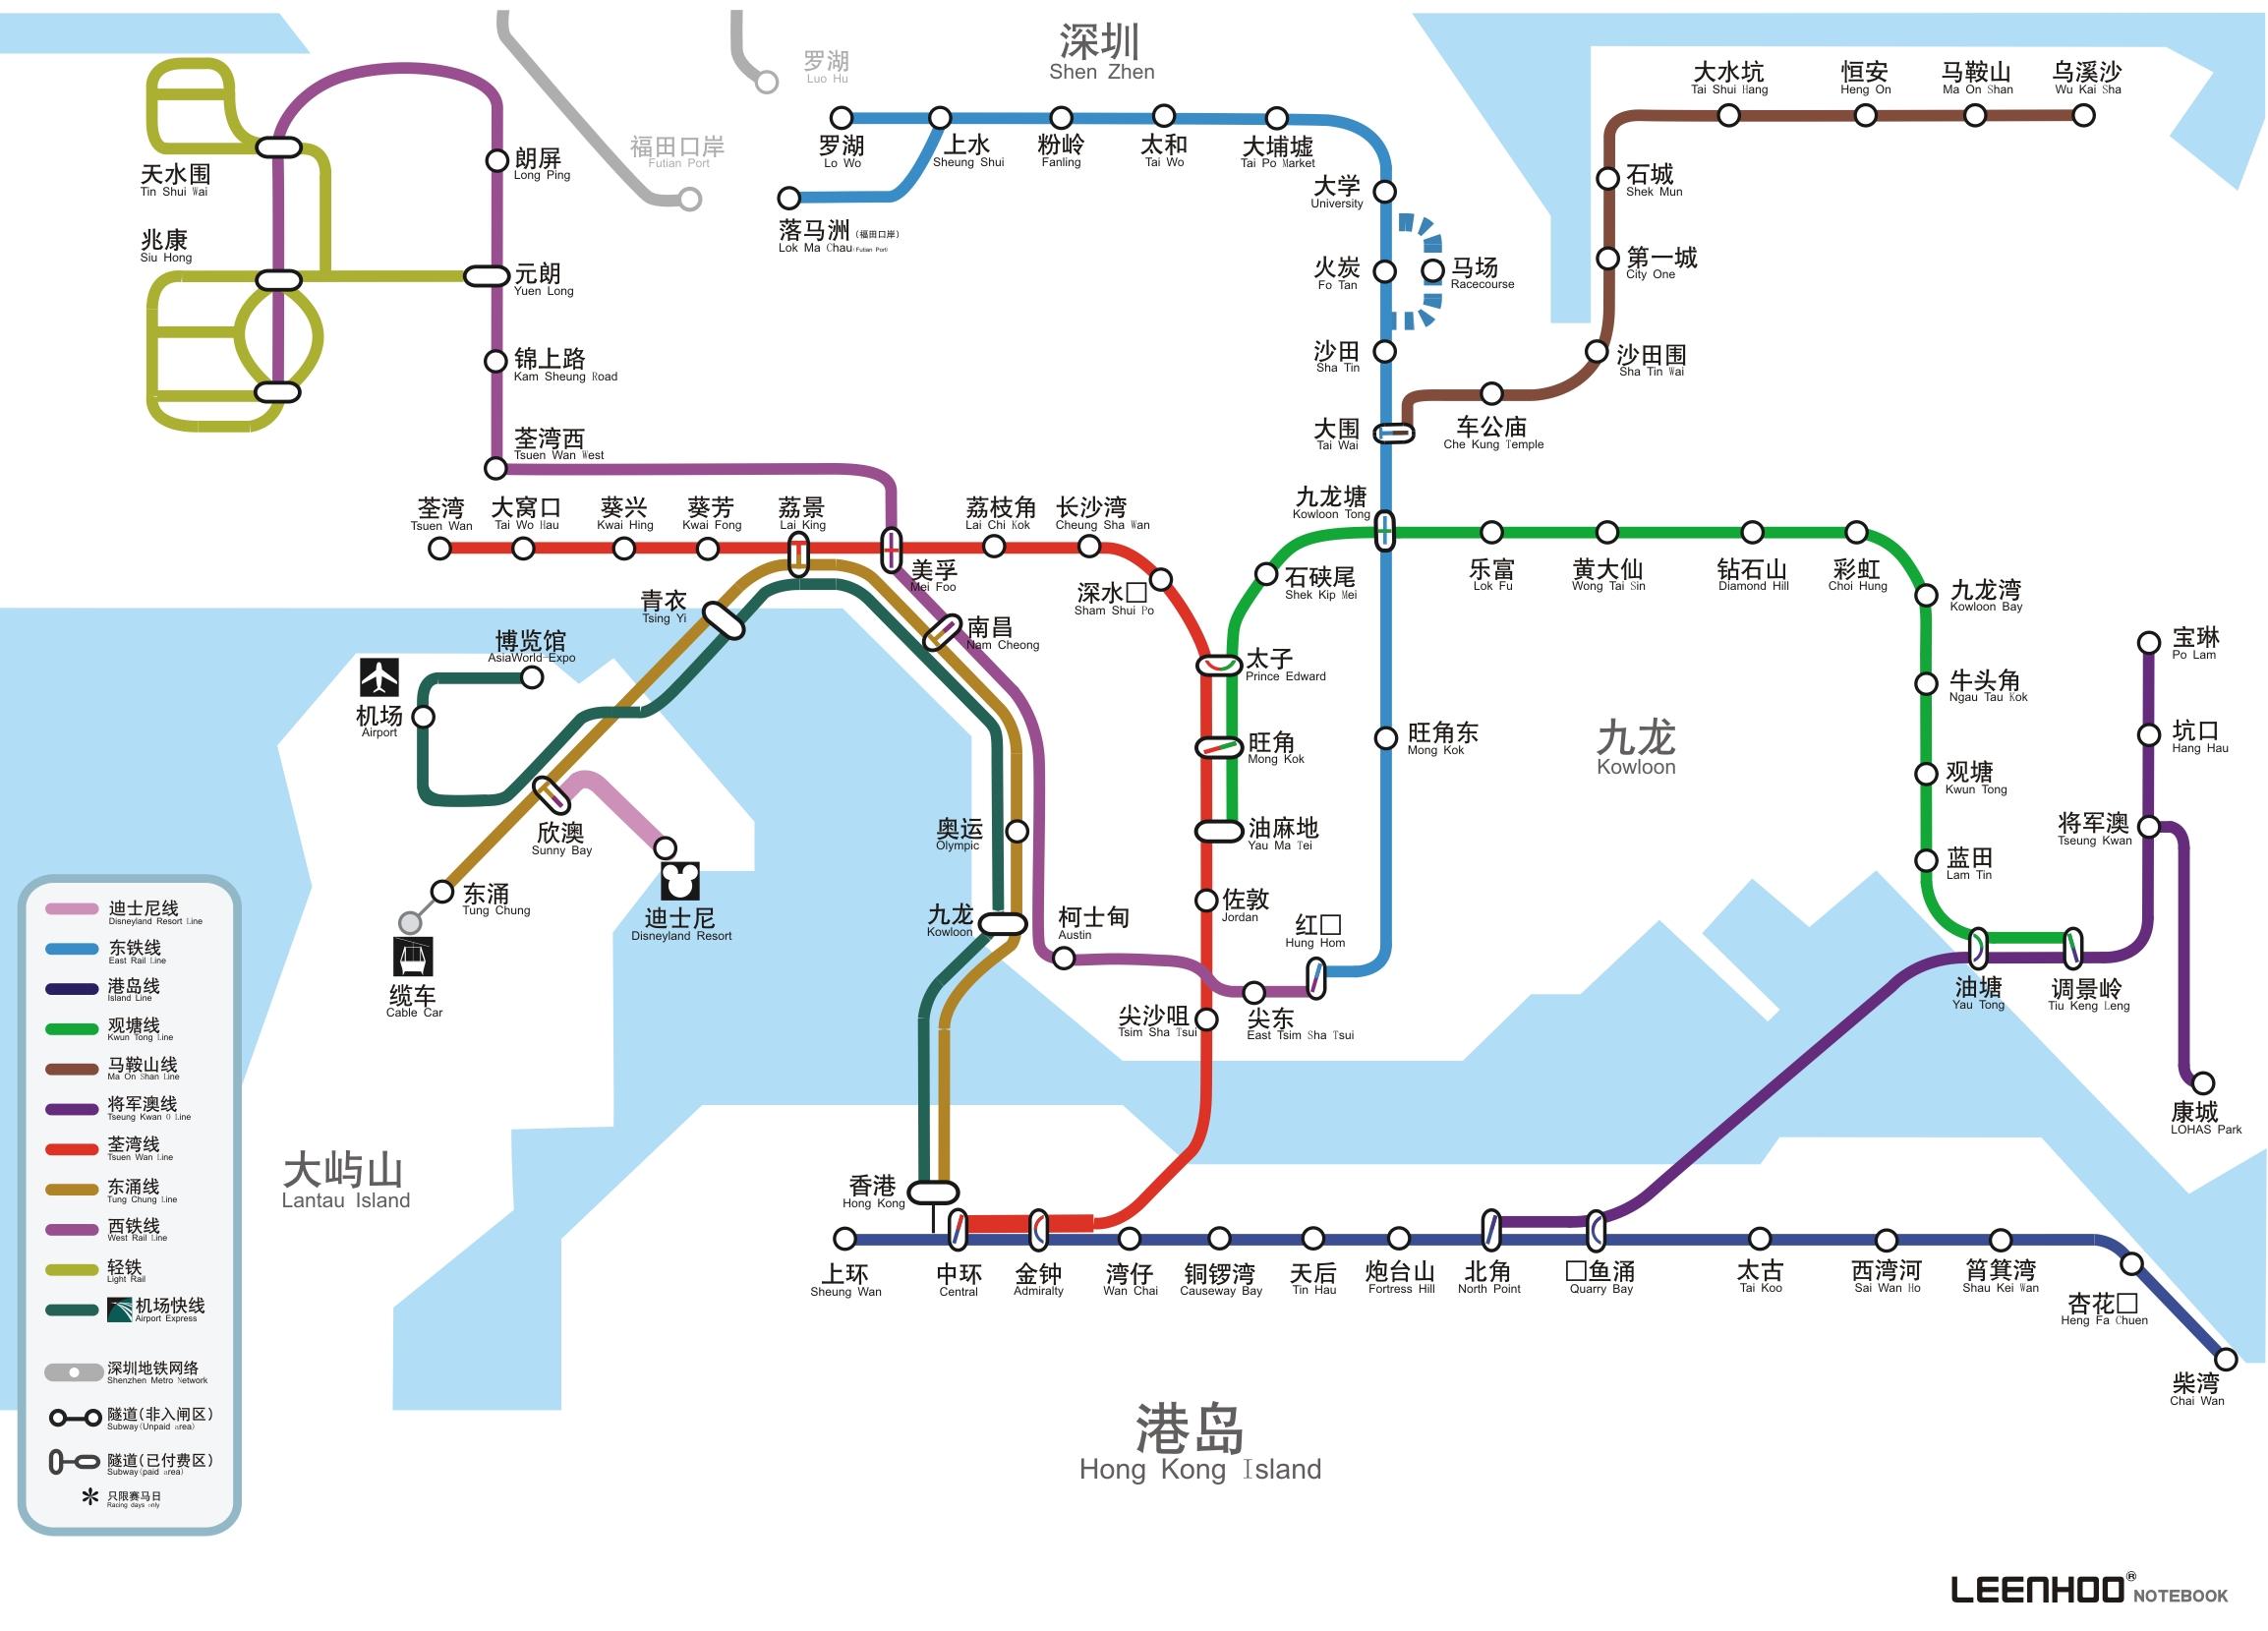 香港地铁线路图打印图片